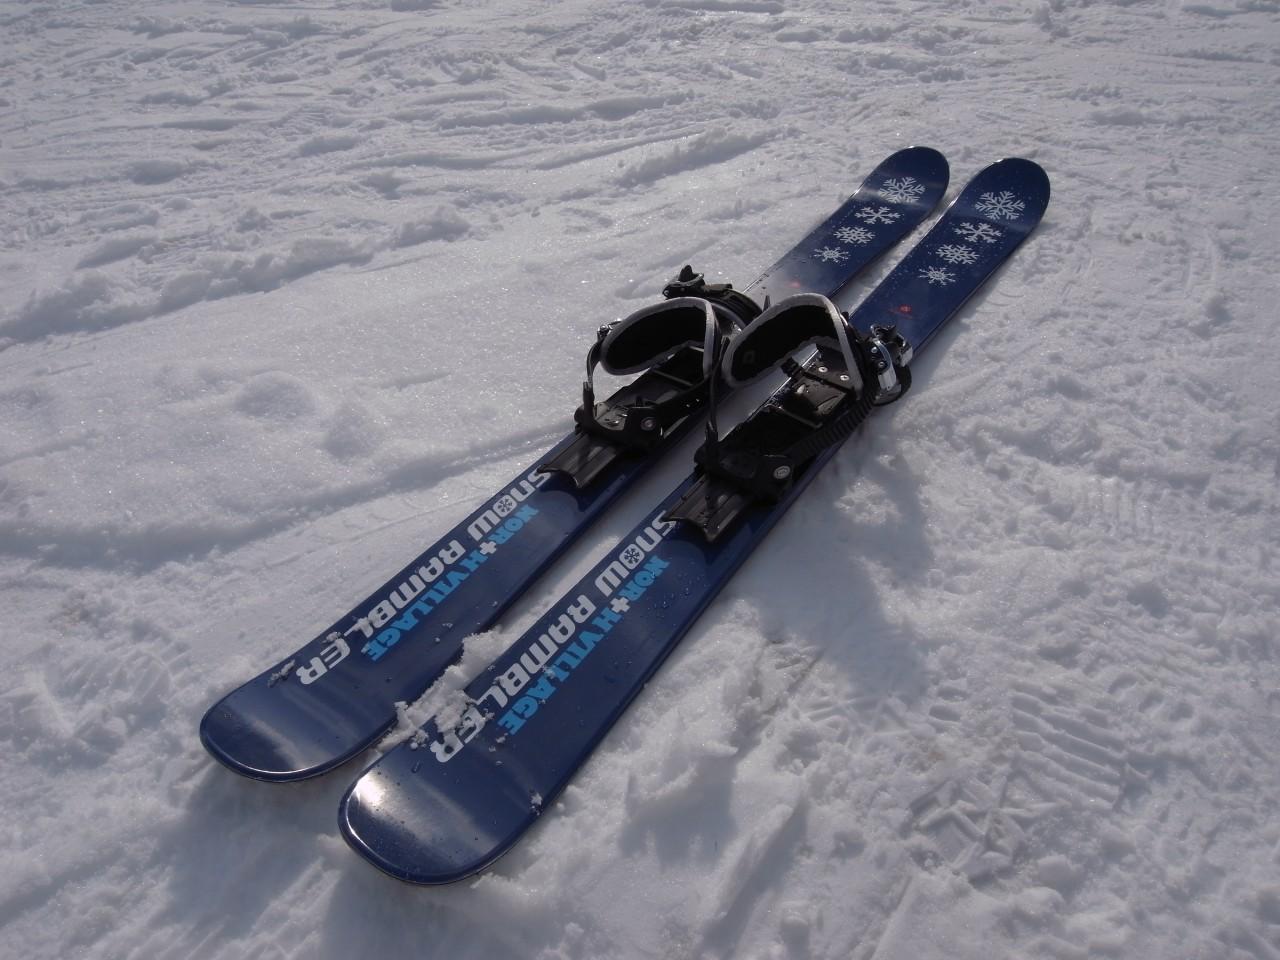 すべらないスキー